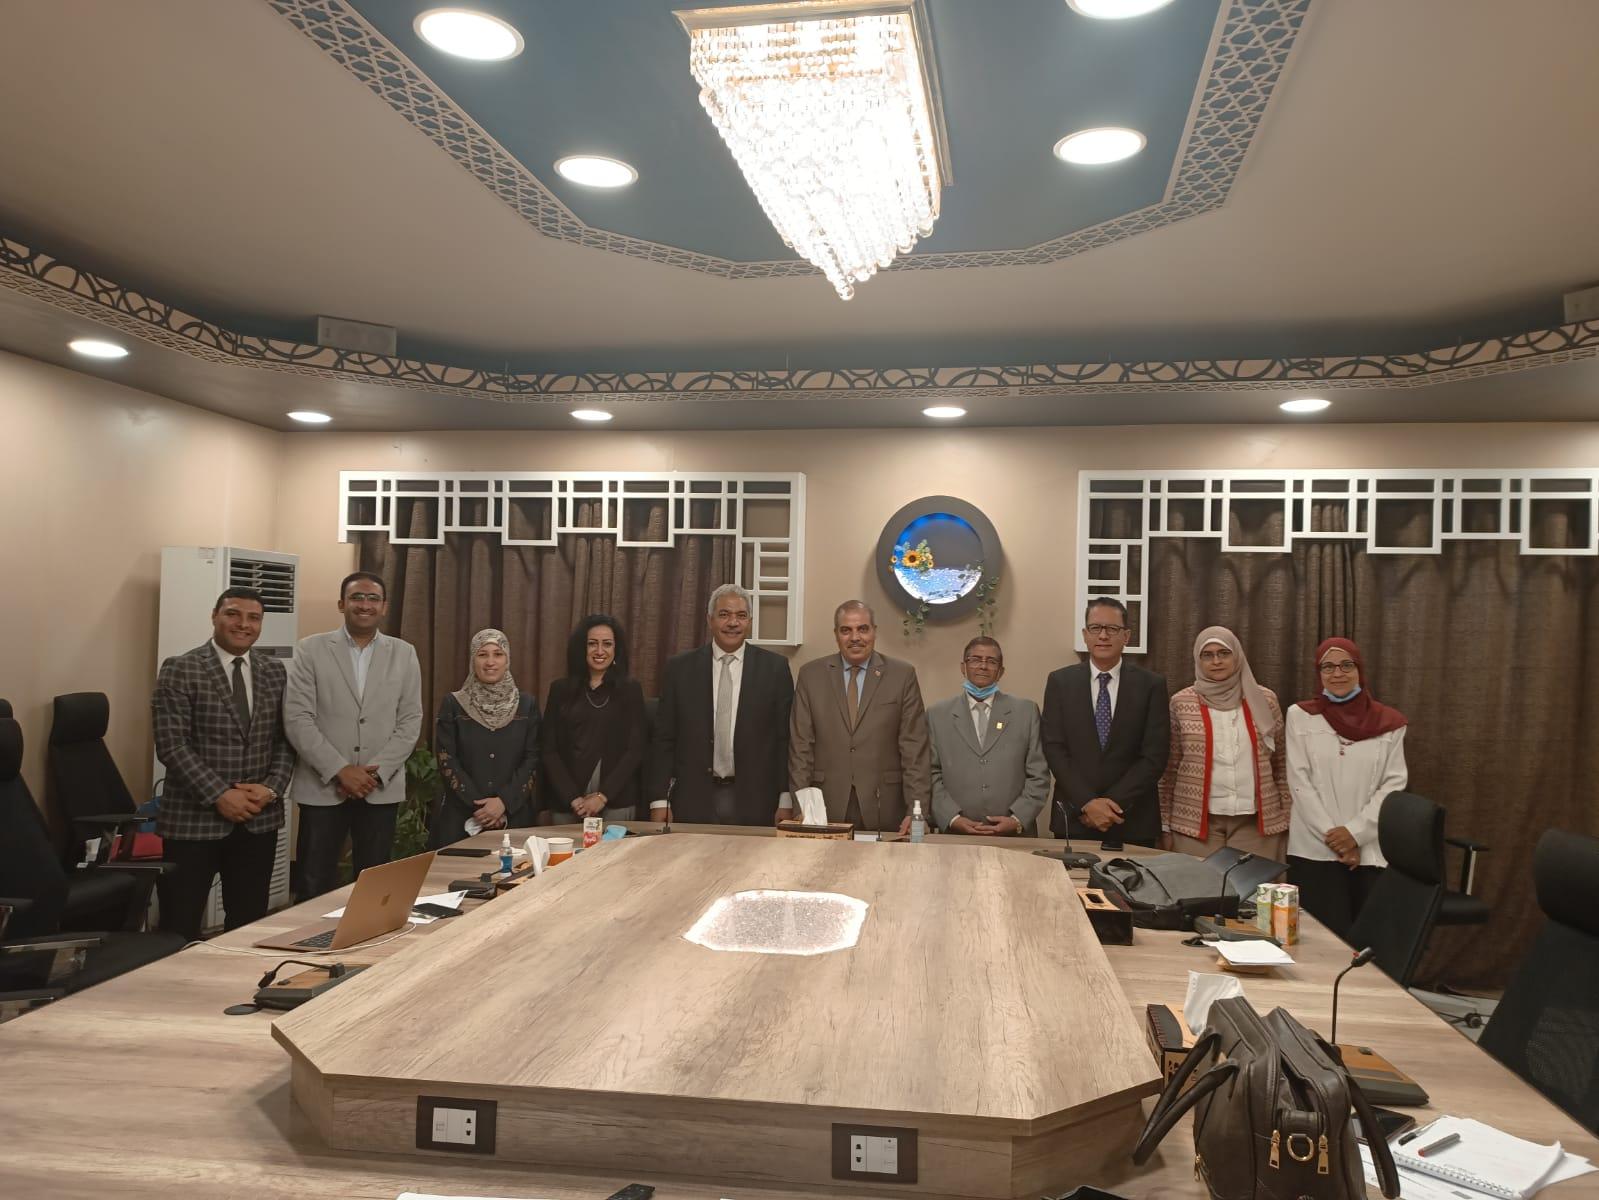 اختيار أعضاء هيئة التدريس من الجامعات المصرية للانضمام للمشروع الدولي الخاص بالتغييرات المناعية بجامعة الأزهر